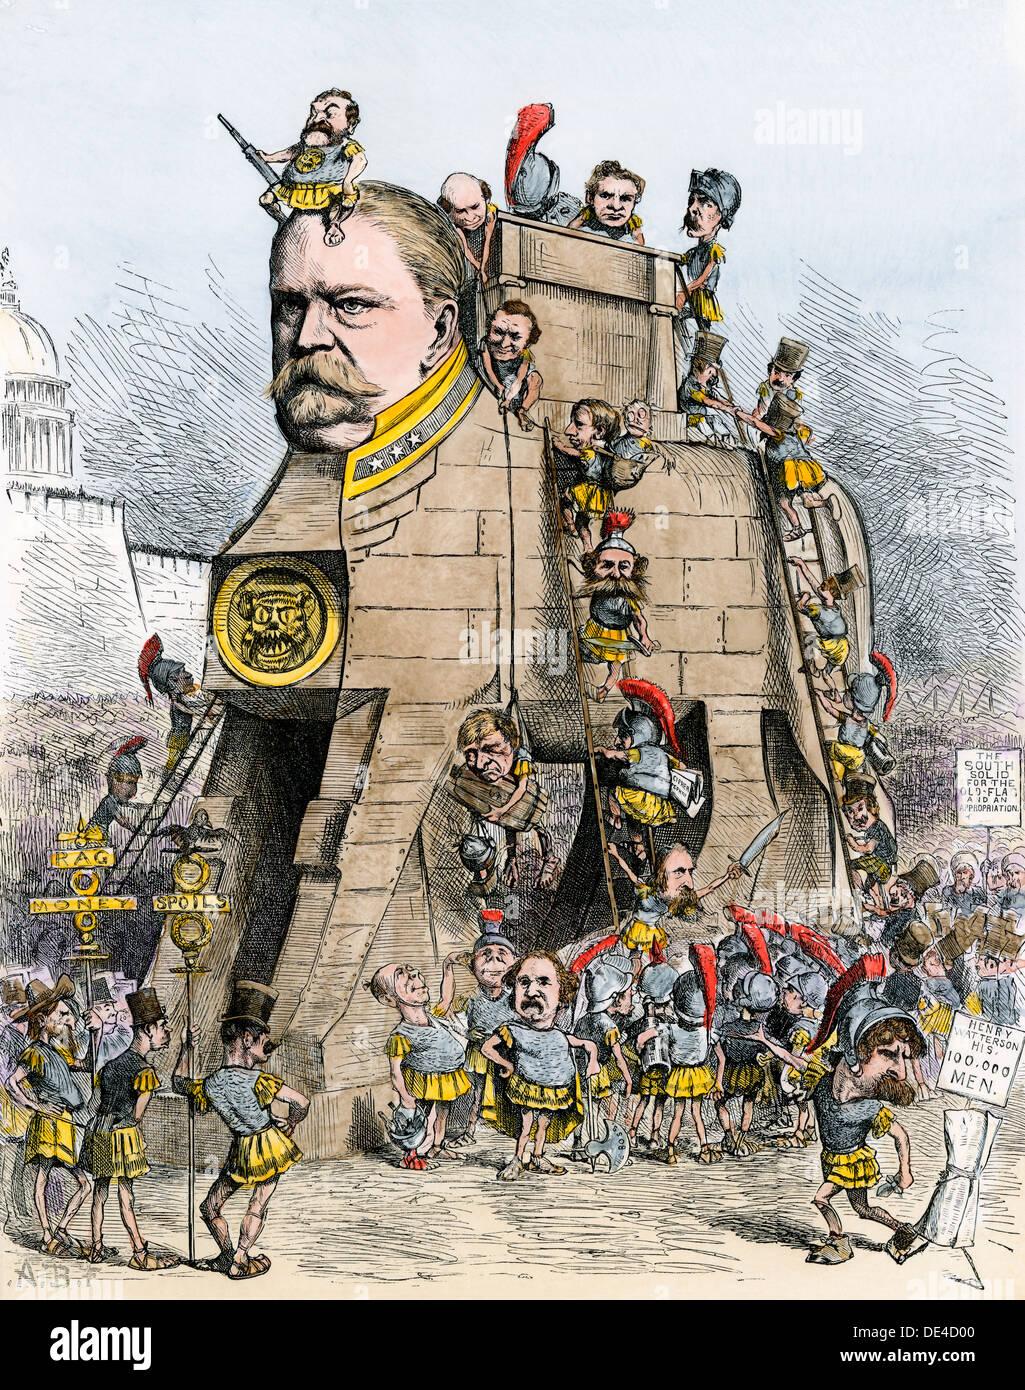 Winfield Scott Hancock carotenoidi come democratici di cavallo di Troia, la campagna elettorale del 1880. Colorate a mano la xilografia Immagini Stock